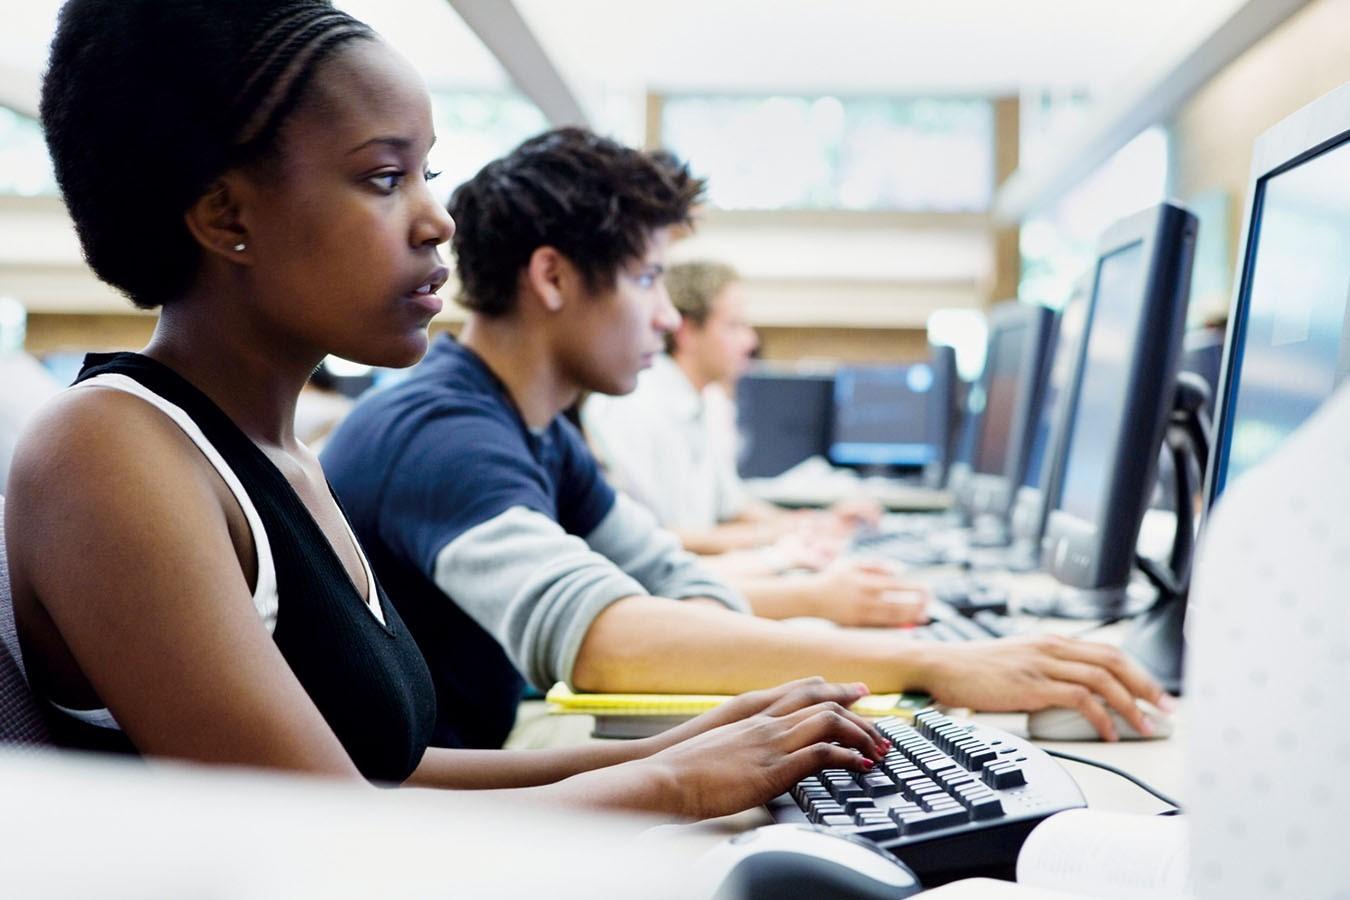 Результаты исследования: мнение компаний и покупателей о новых технологиях разительно различаются - 1